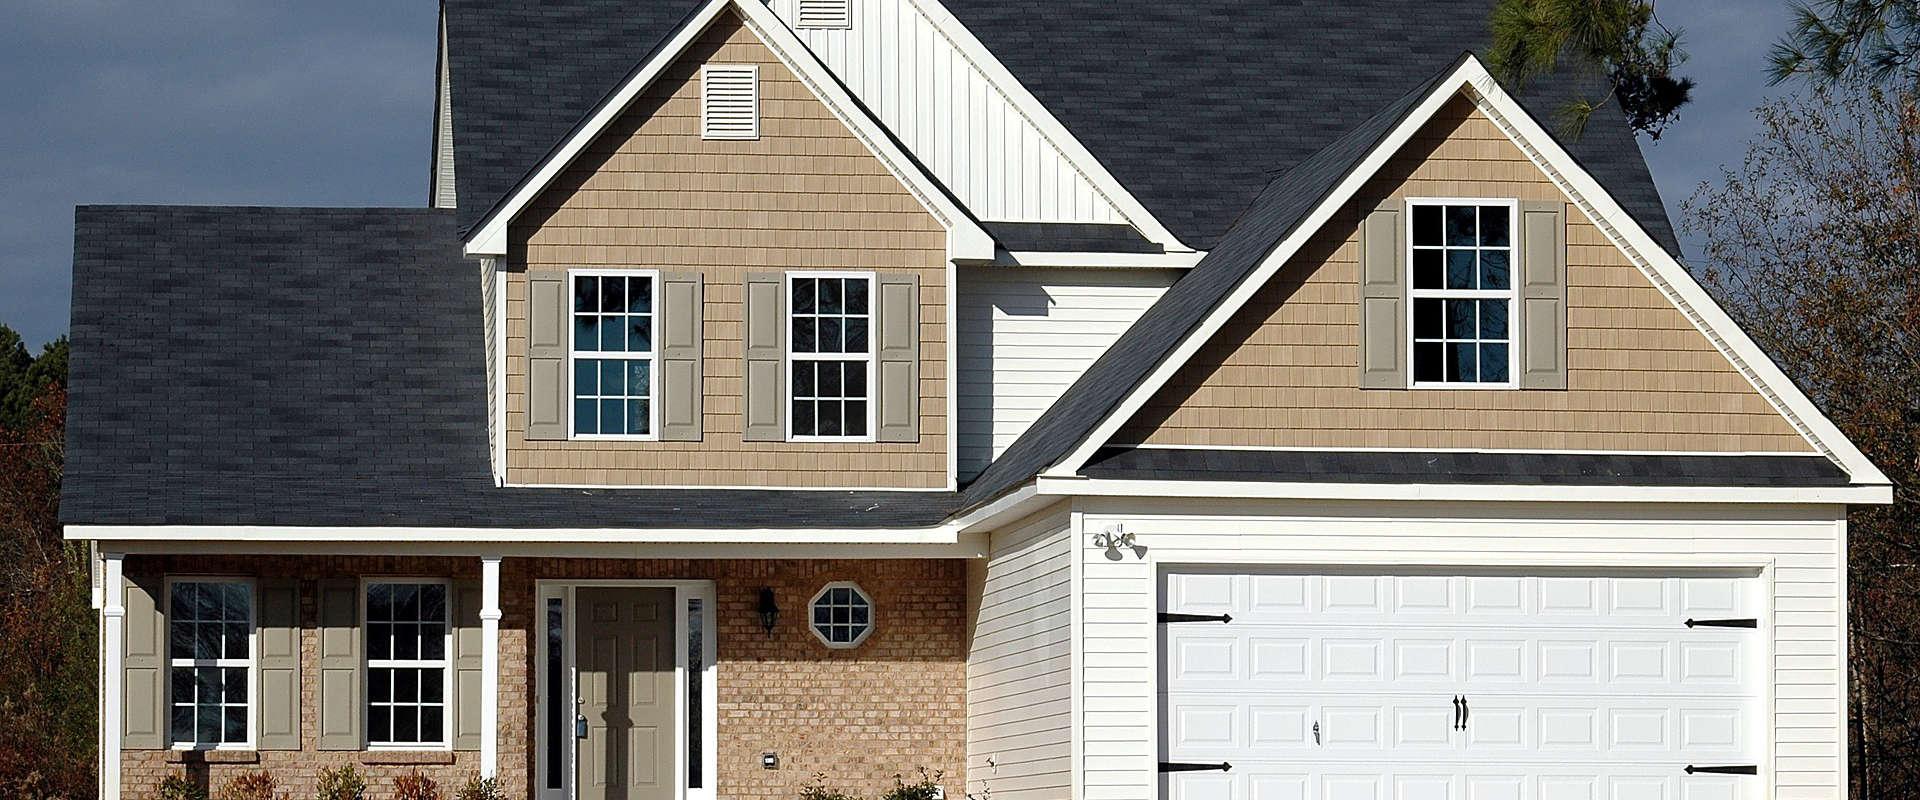 Évaluation immobilière et estimation